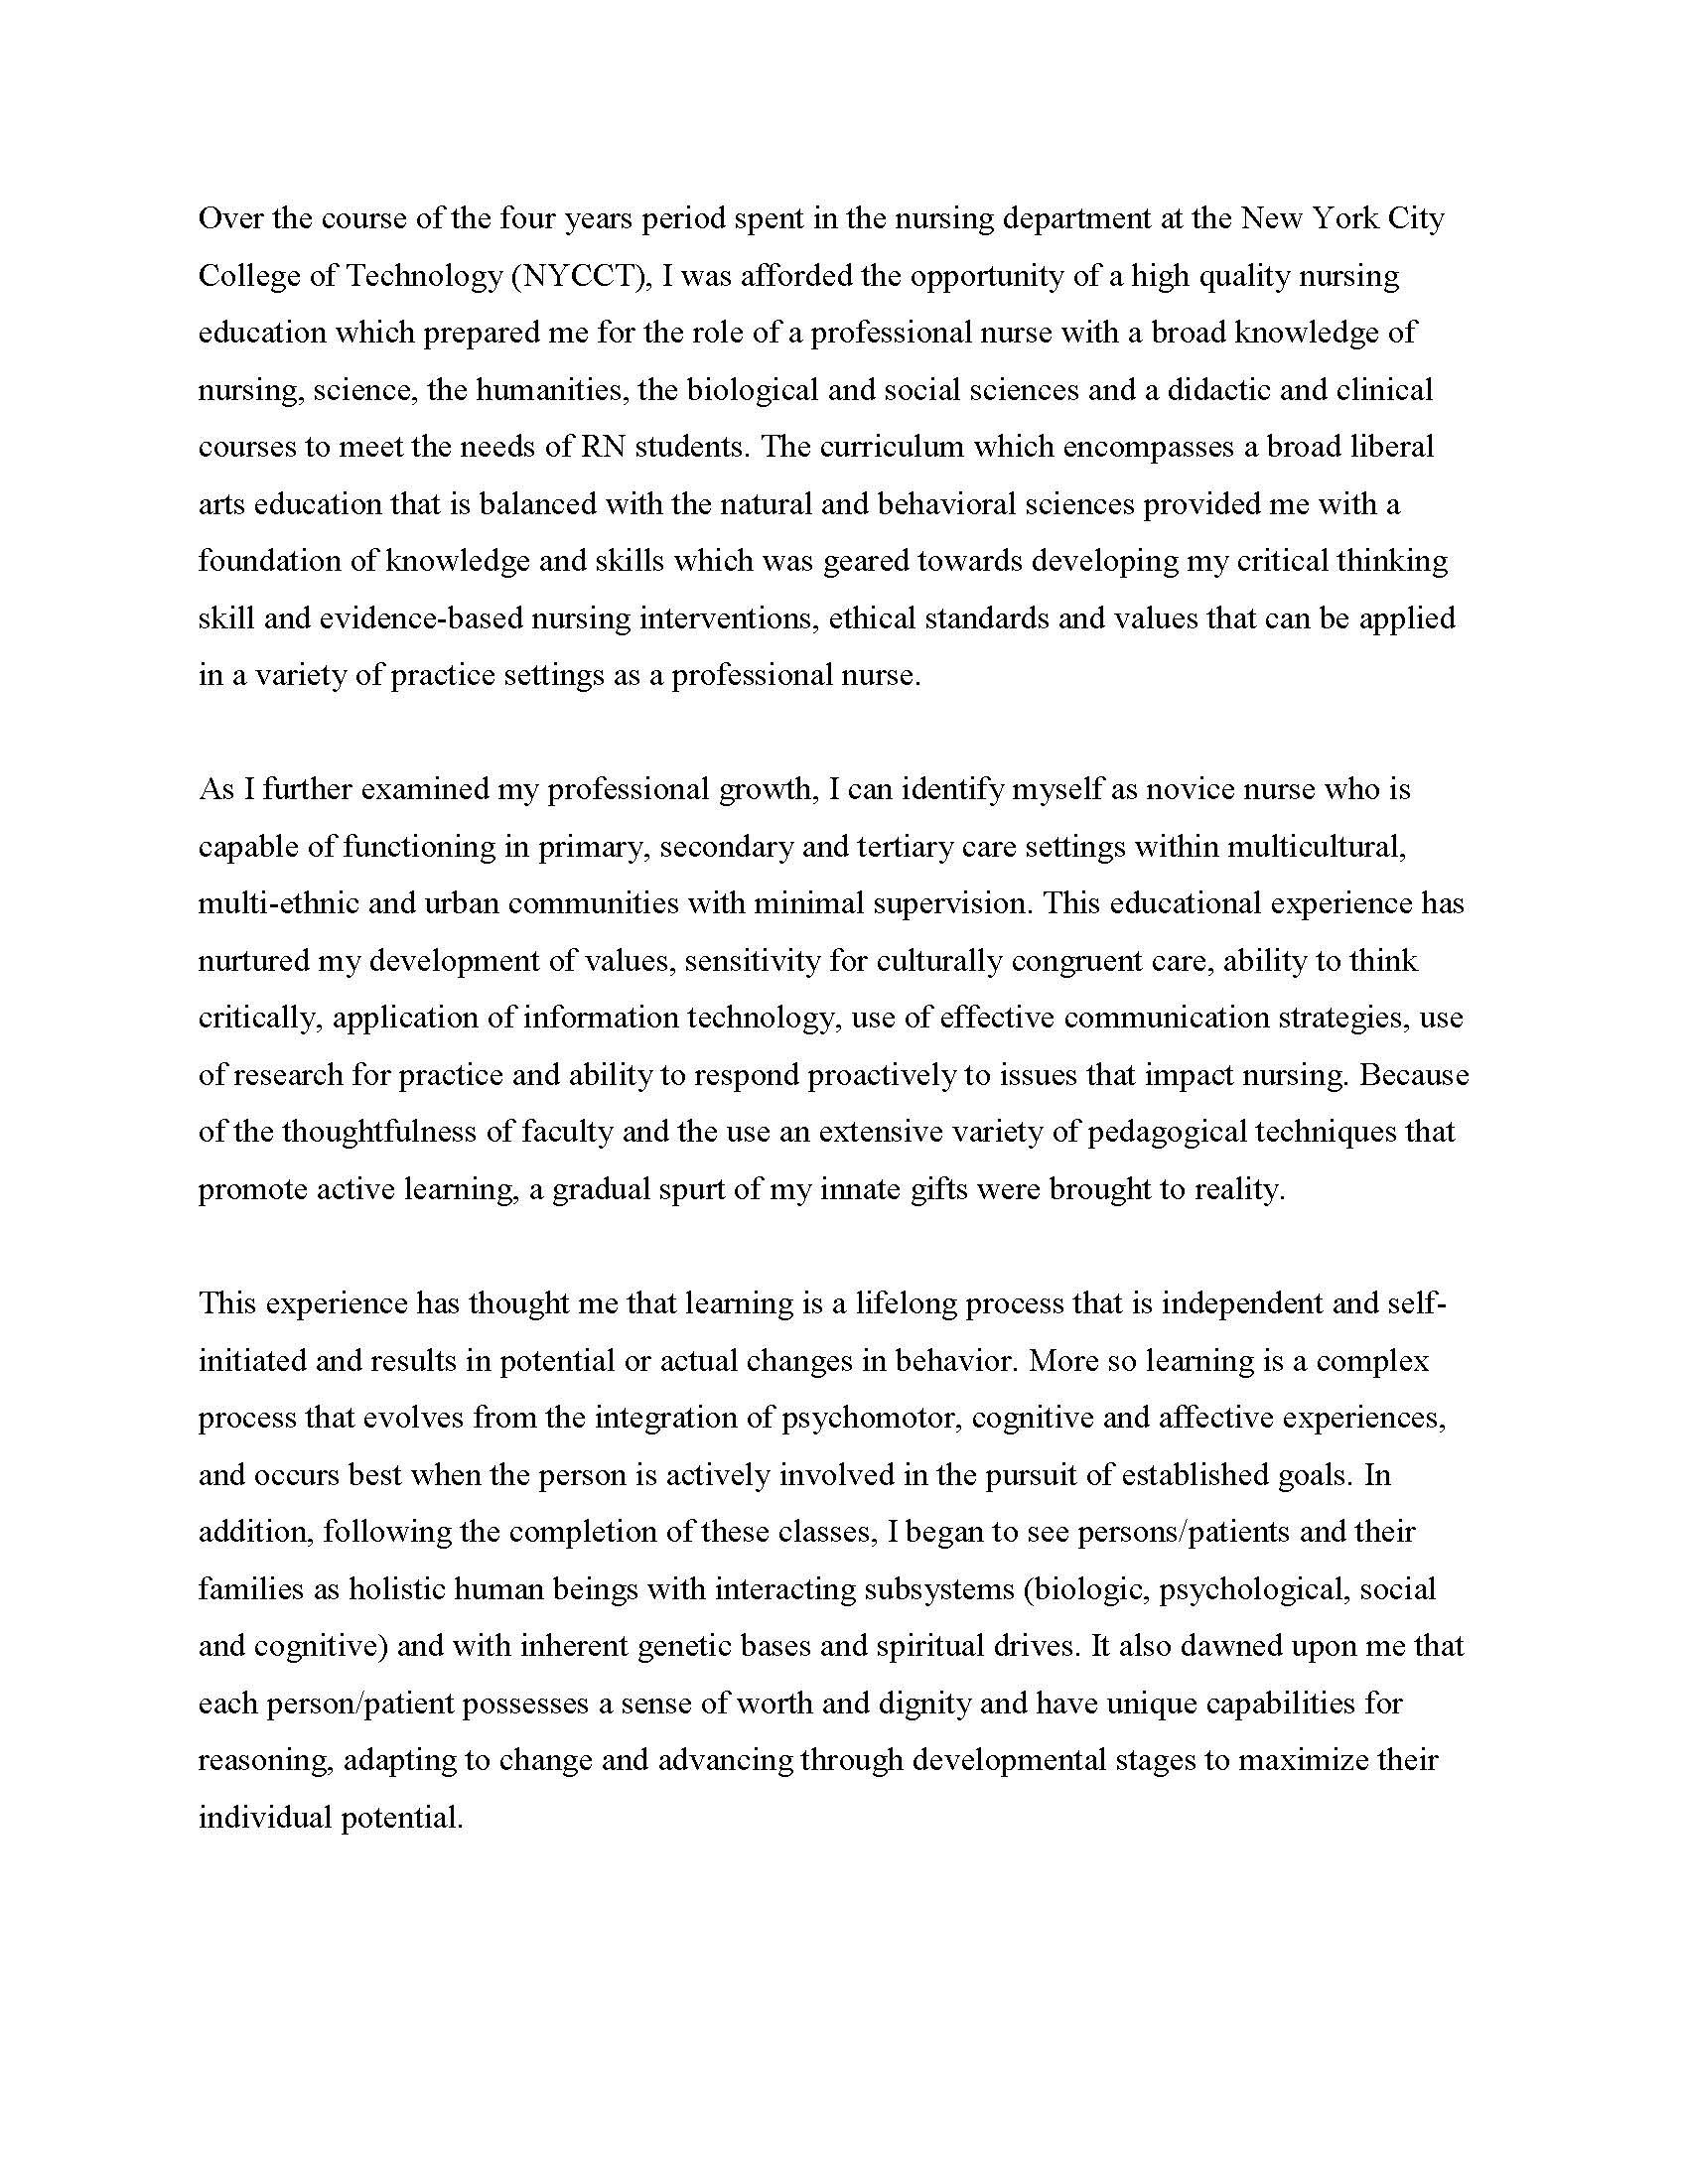 web designer cover letter sample integrator cover letter writing and printing a cover letter